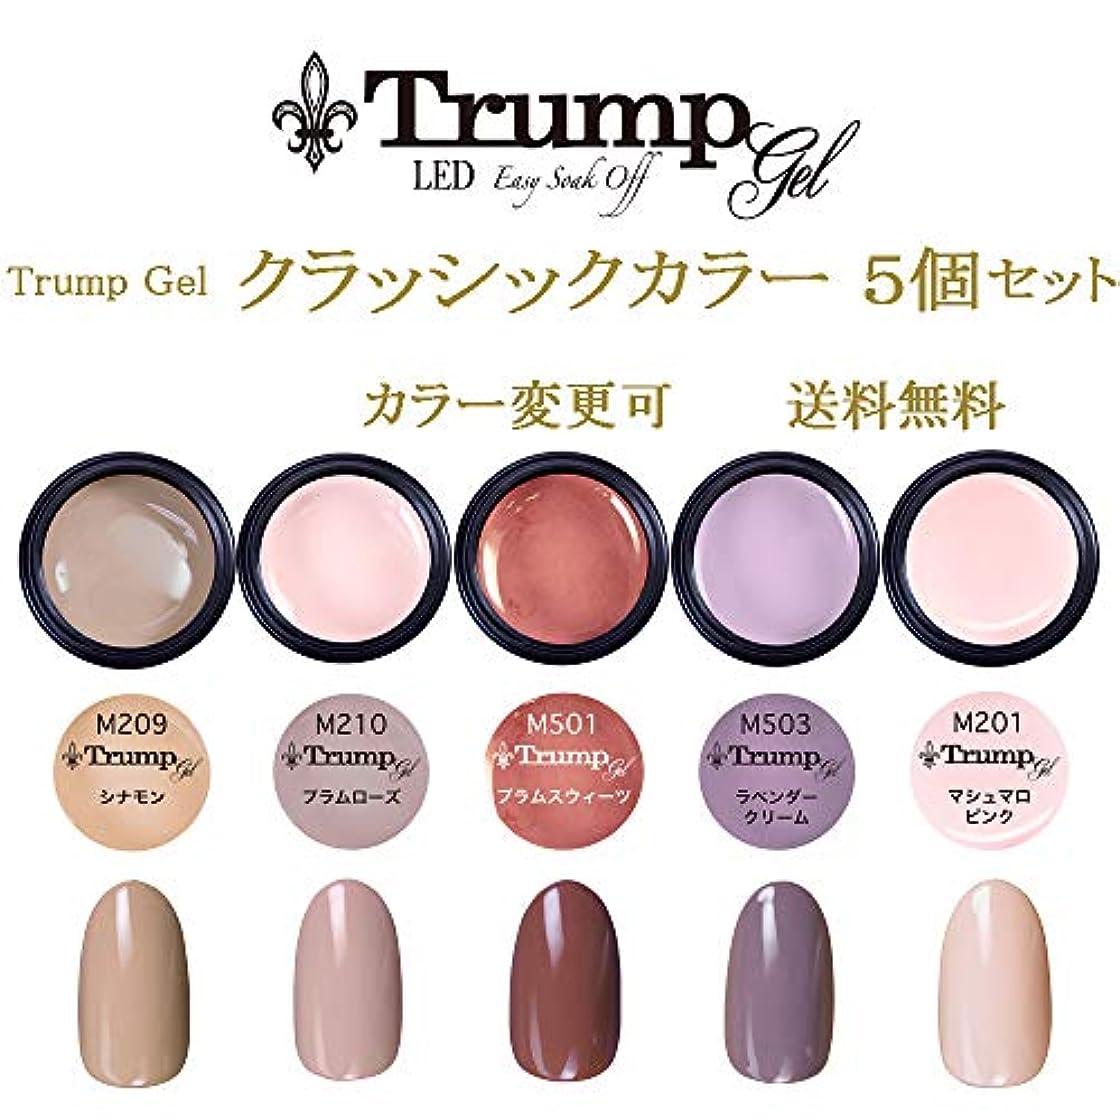 体系的に削るほのめかす【送料無料】日本製 Trump gel トランプジェル クラッシックカラー 選べる カラージェル 5個セット クラッシック ベージュ ブラウン ホワイト ラメ カラー